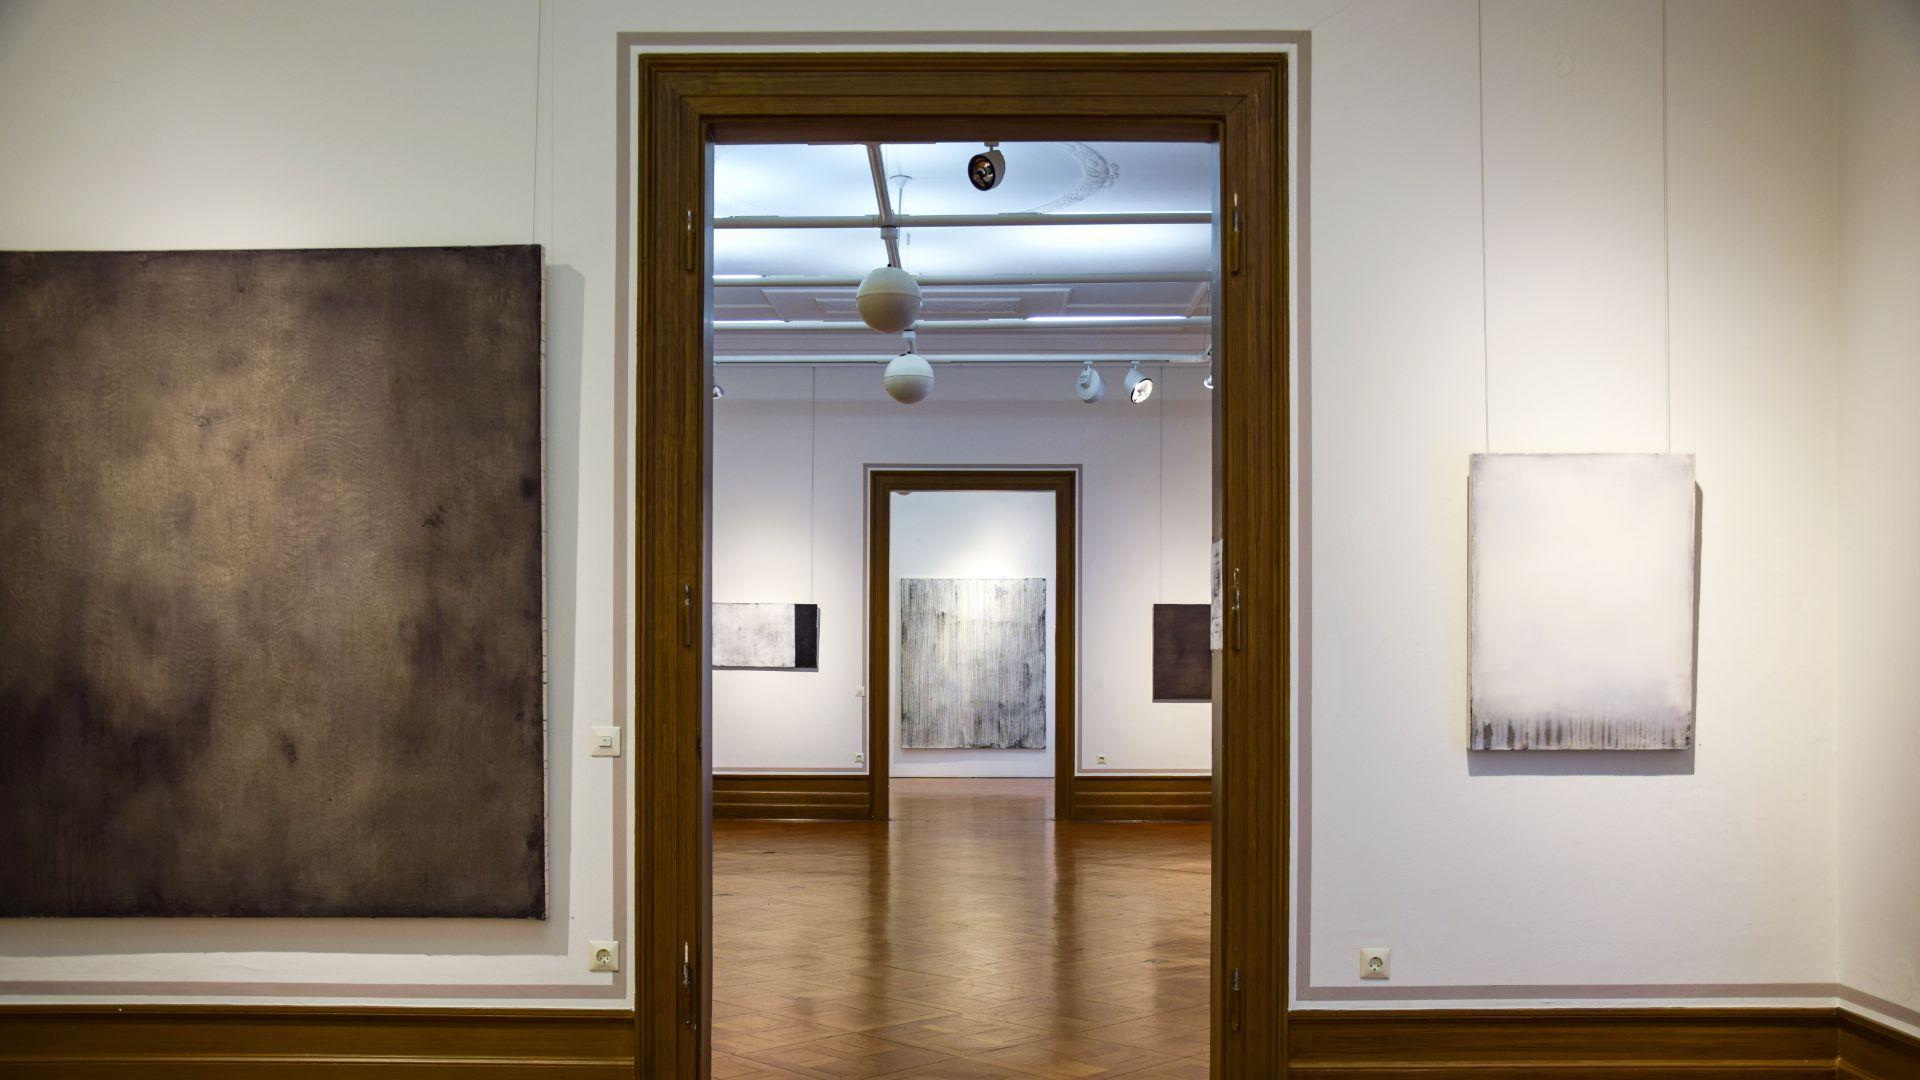 Blick in die Ausstellung vom rechten Raum aus